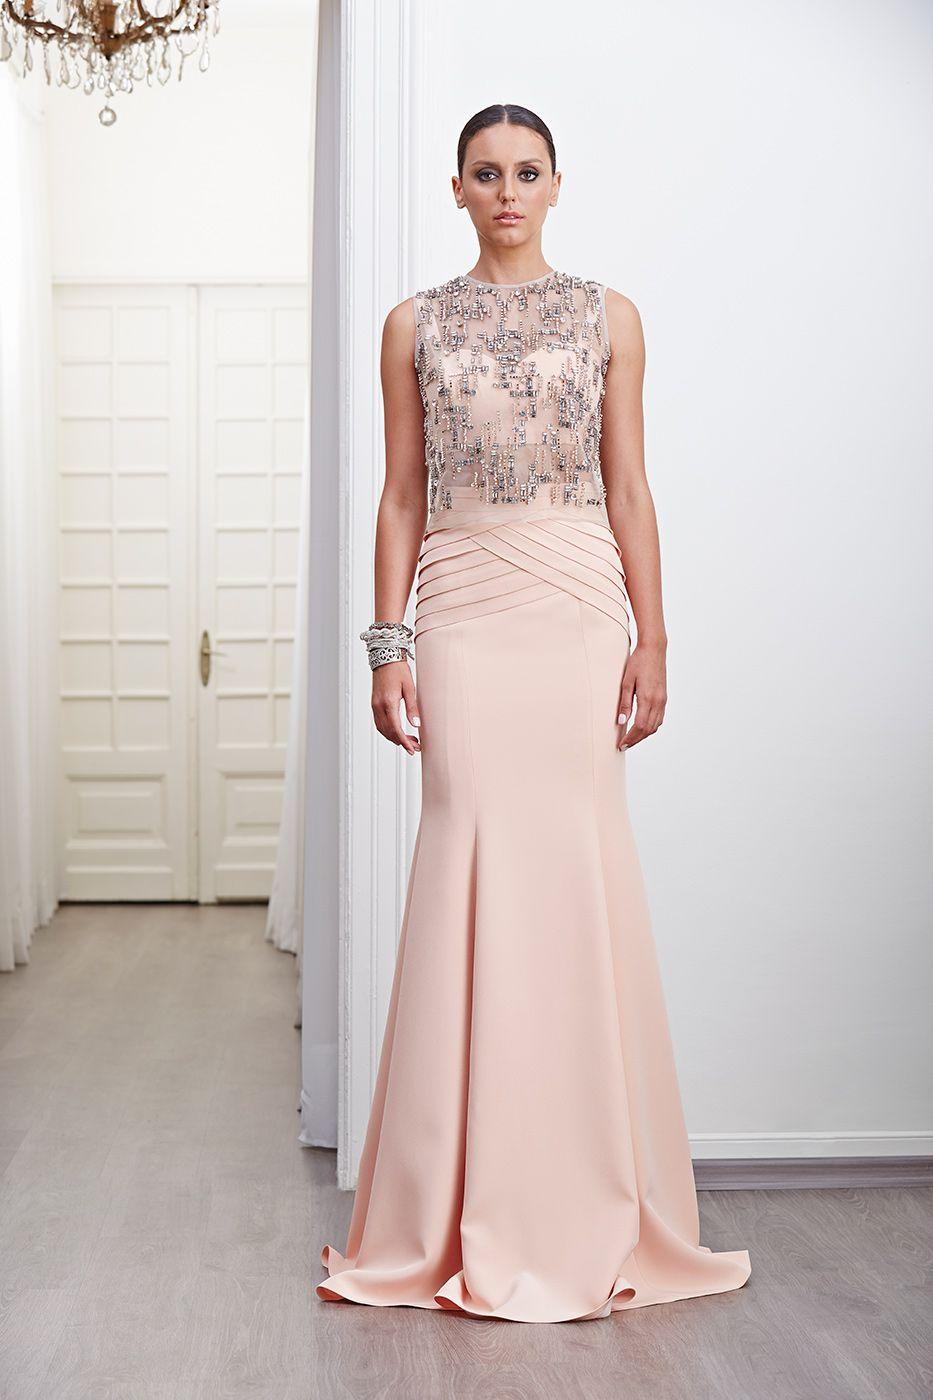 Popart Elbise Modelleri 2019